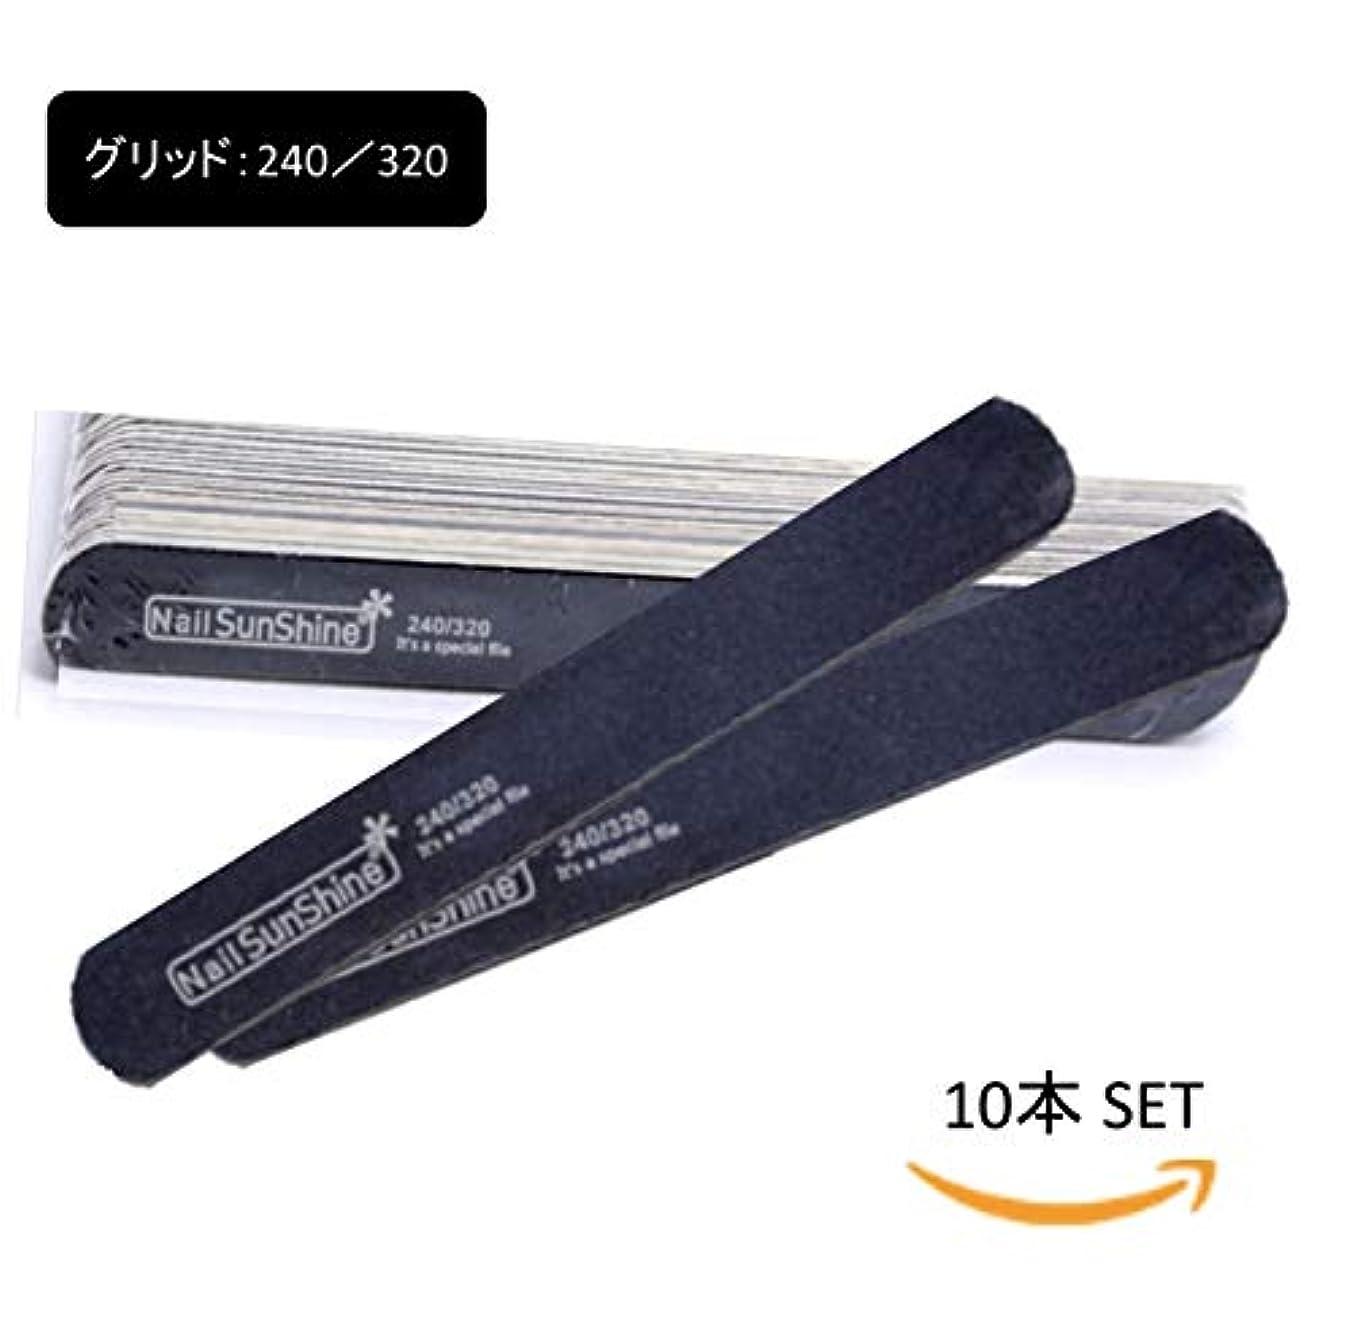 雨の恐ろしいボルトBEATON JAPAN 爪やすり ネイルファイル エメリーボード アクリルファイル 100/150 180/240 240/320 10本セット ジェルオフ (240/320)